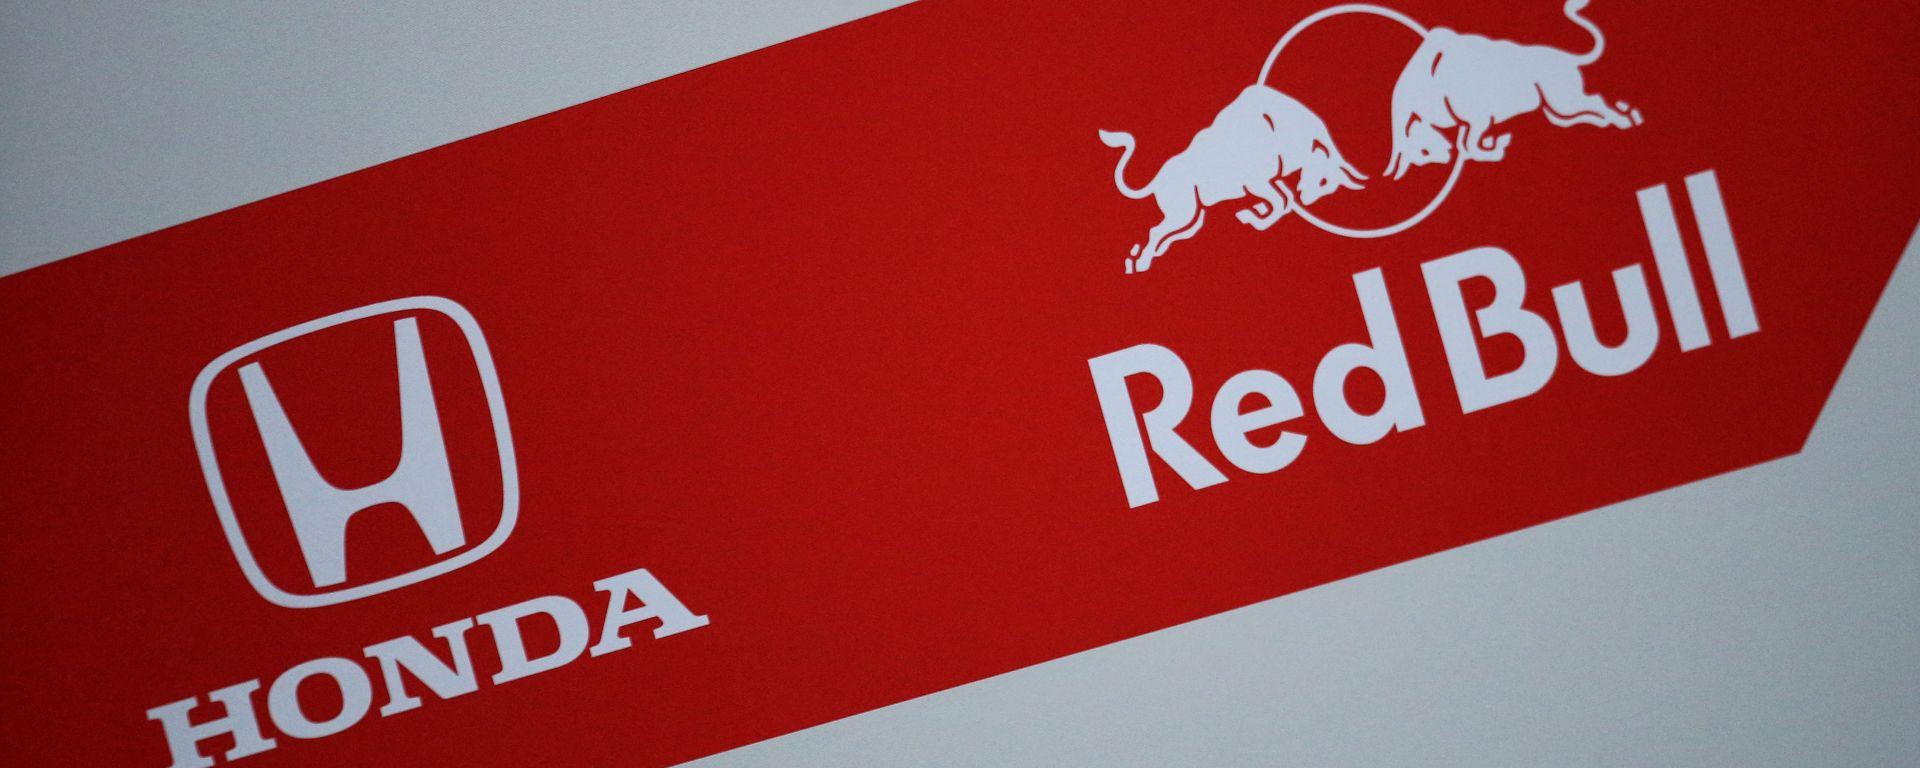 F1, loghi Honda e Red Bull